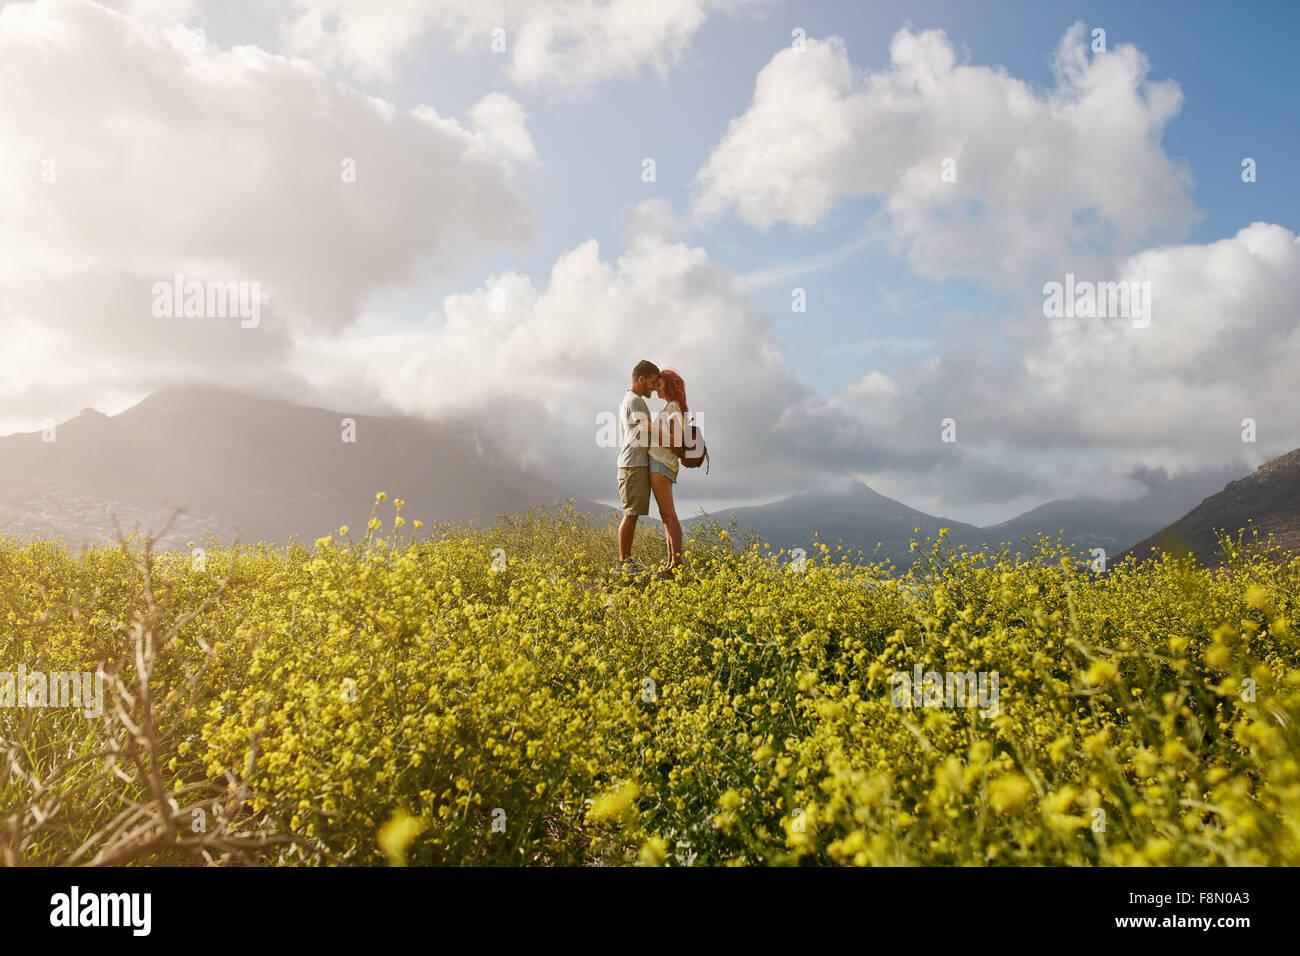 Romantico coppia giovane abbracciando e guardando ogni altro, stando in piedi in cima ad una collina all'aperto Immagini Stock